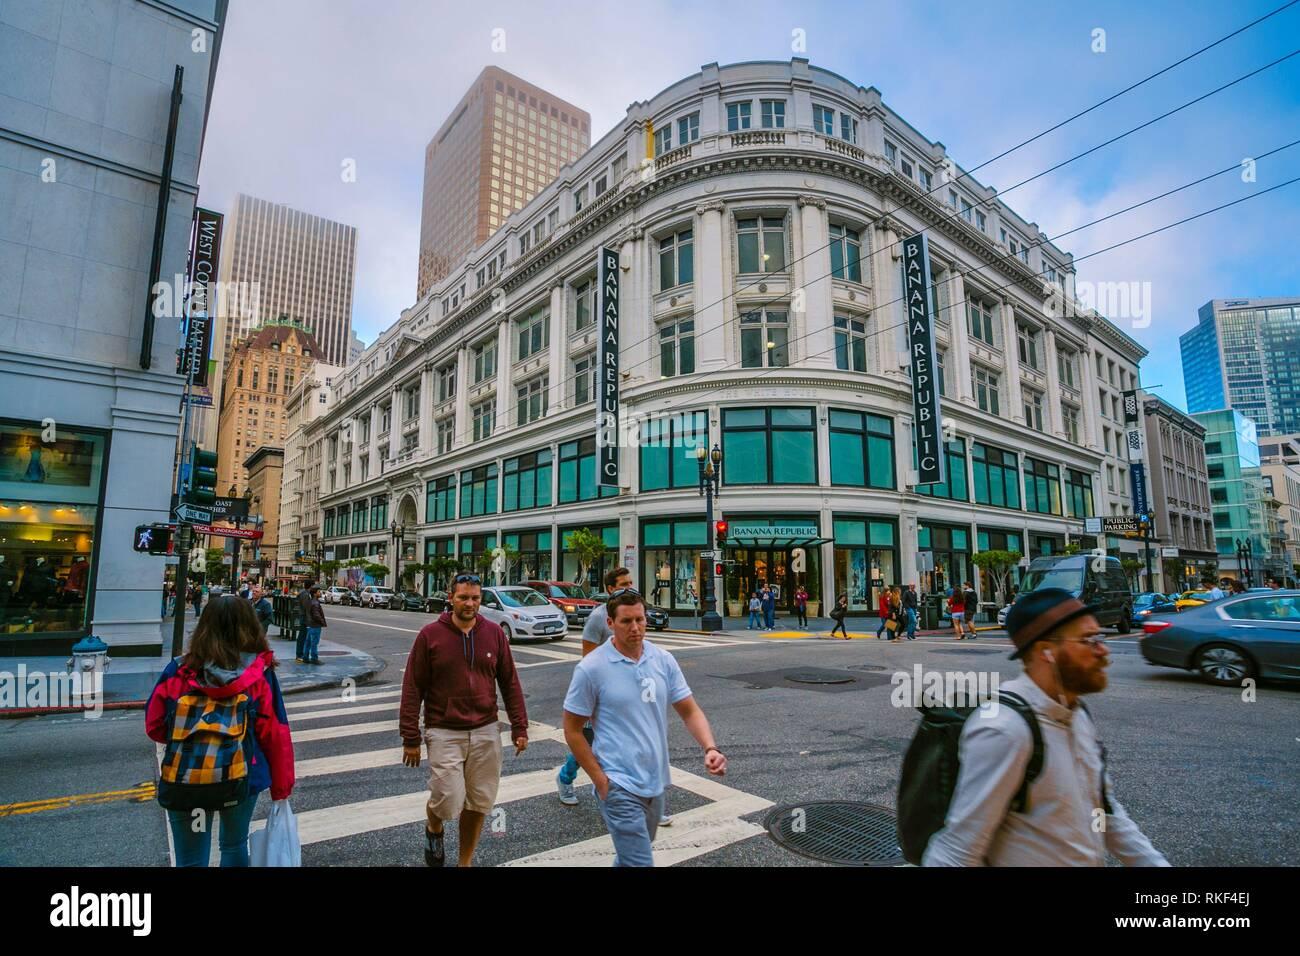 Calles alrededor de la plaza Unión. San Francisco. California, EE.UU. Imagen De Stock